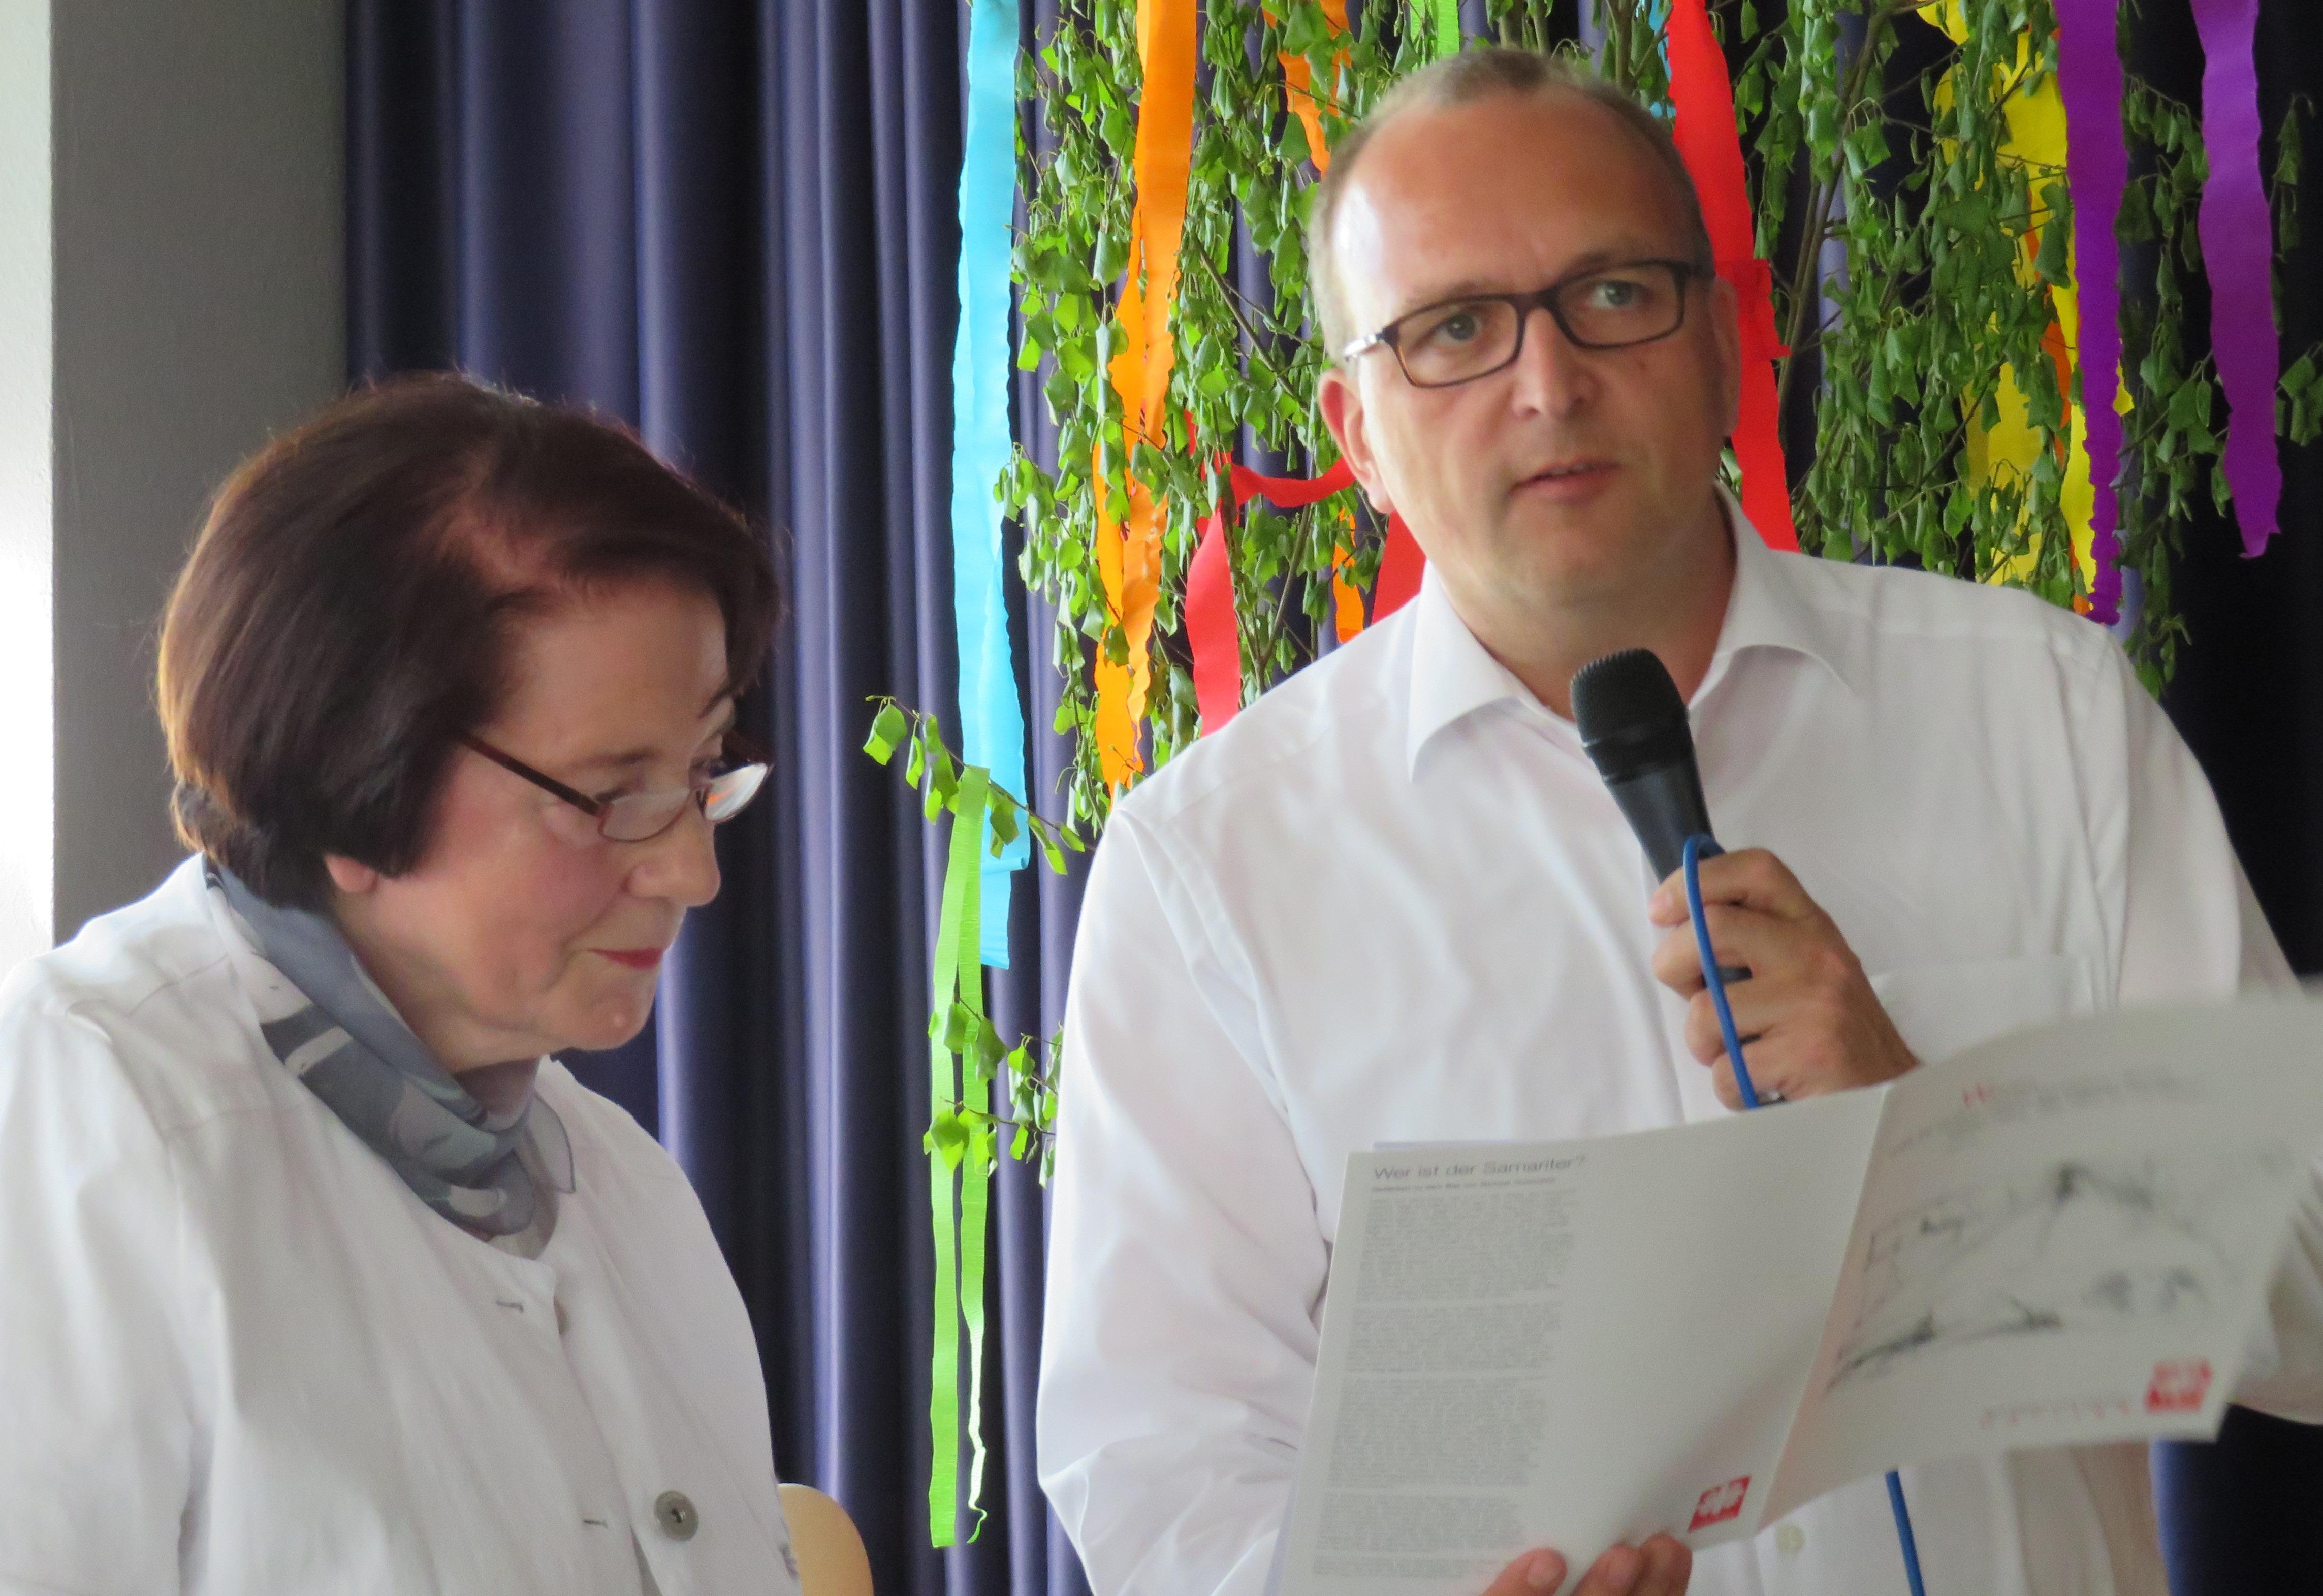 Auszeichnung, Ehrenamt, Goldenes Ehrenzeichen, Deutscher Caritasverband, Vitt, Jugert